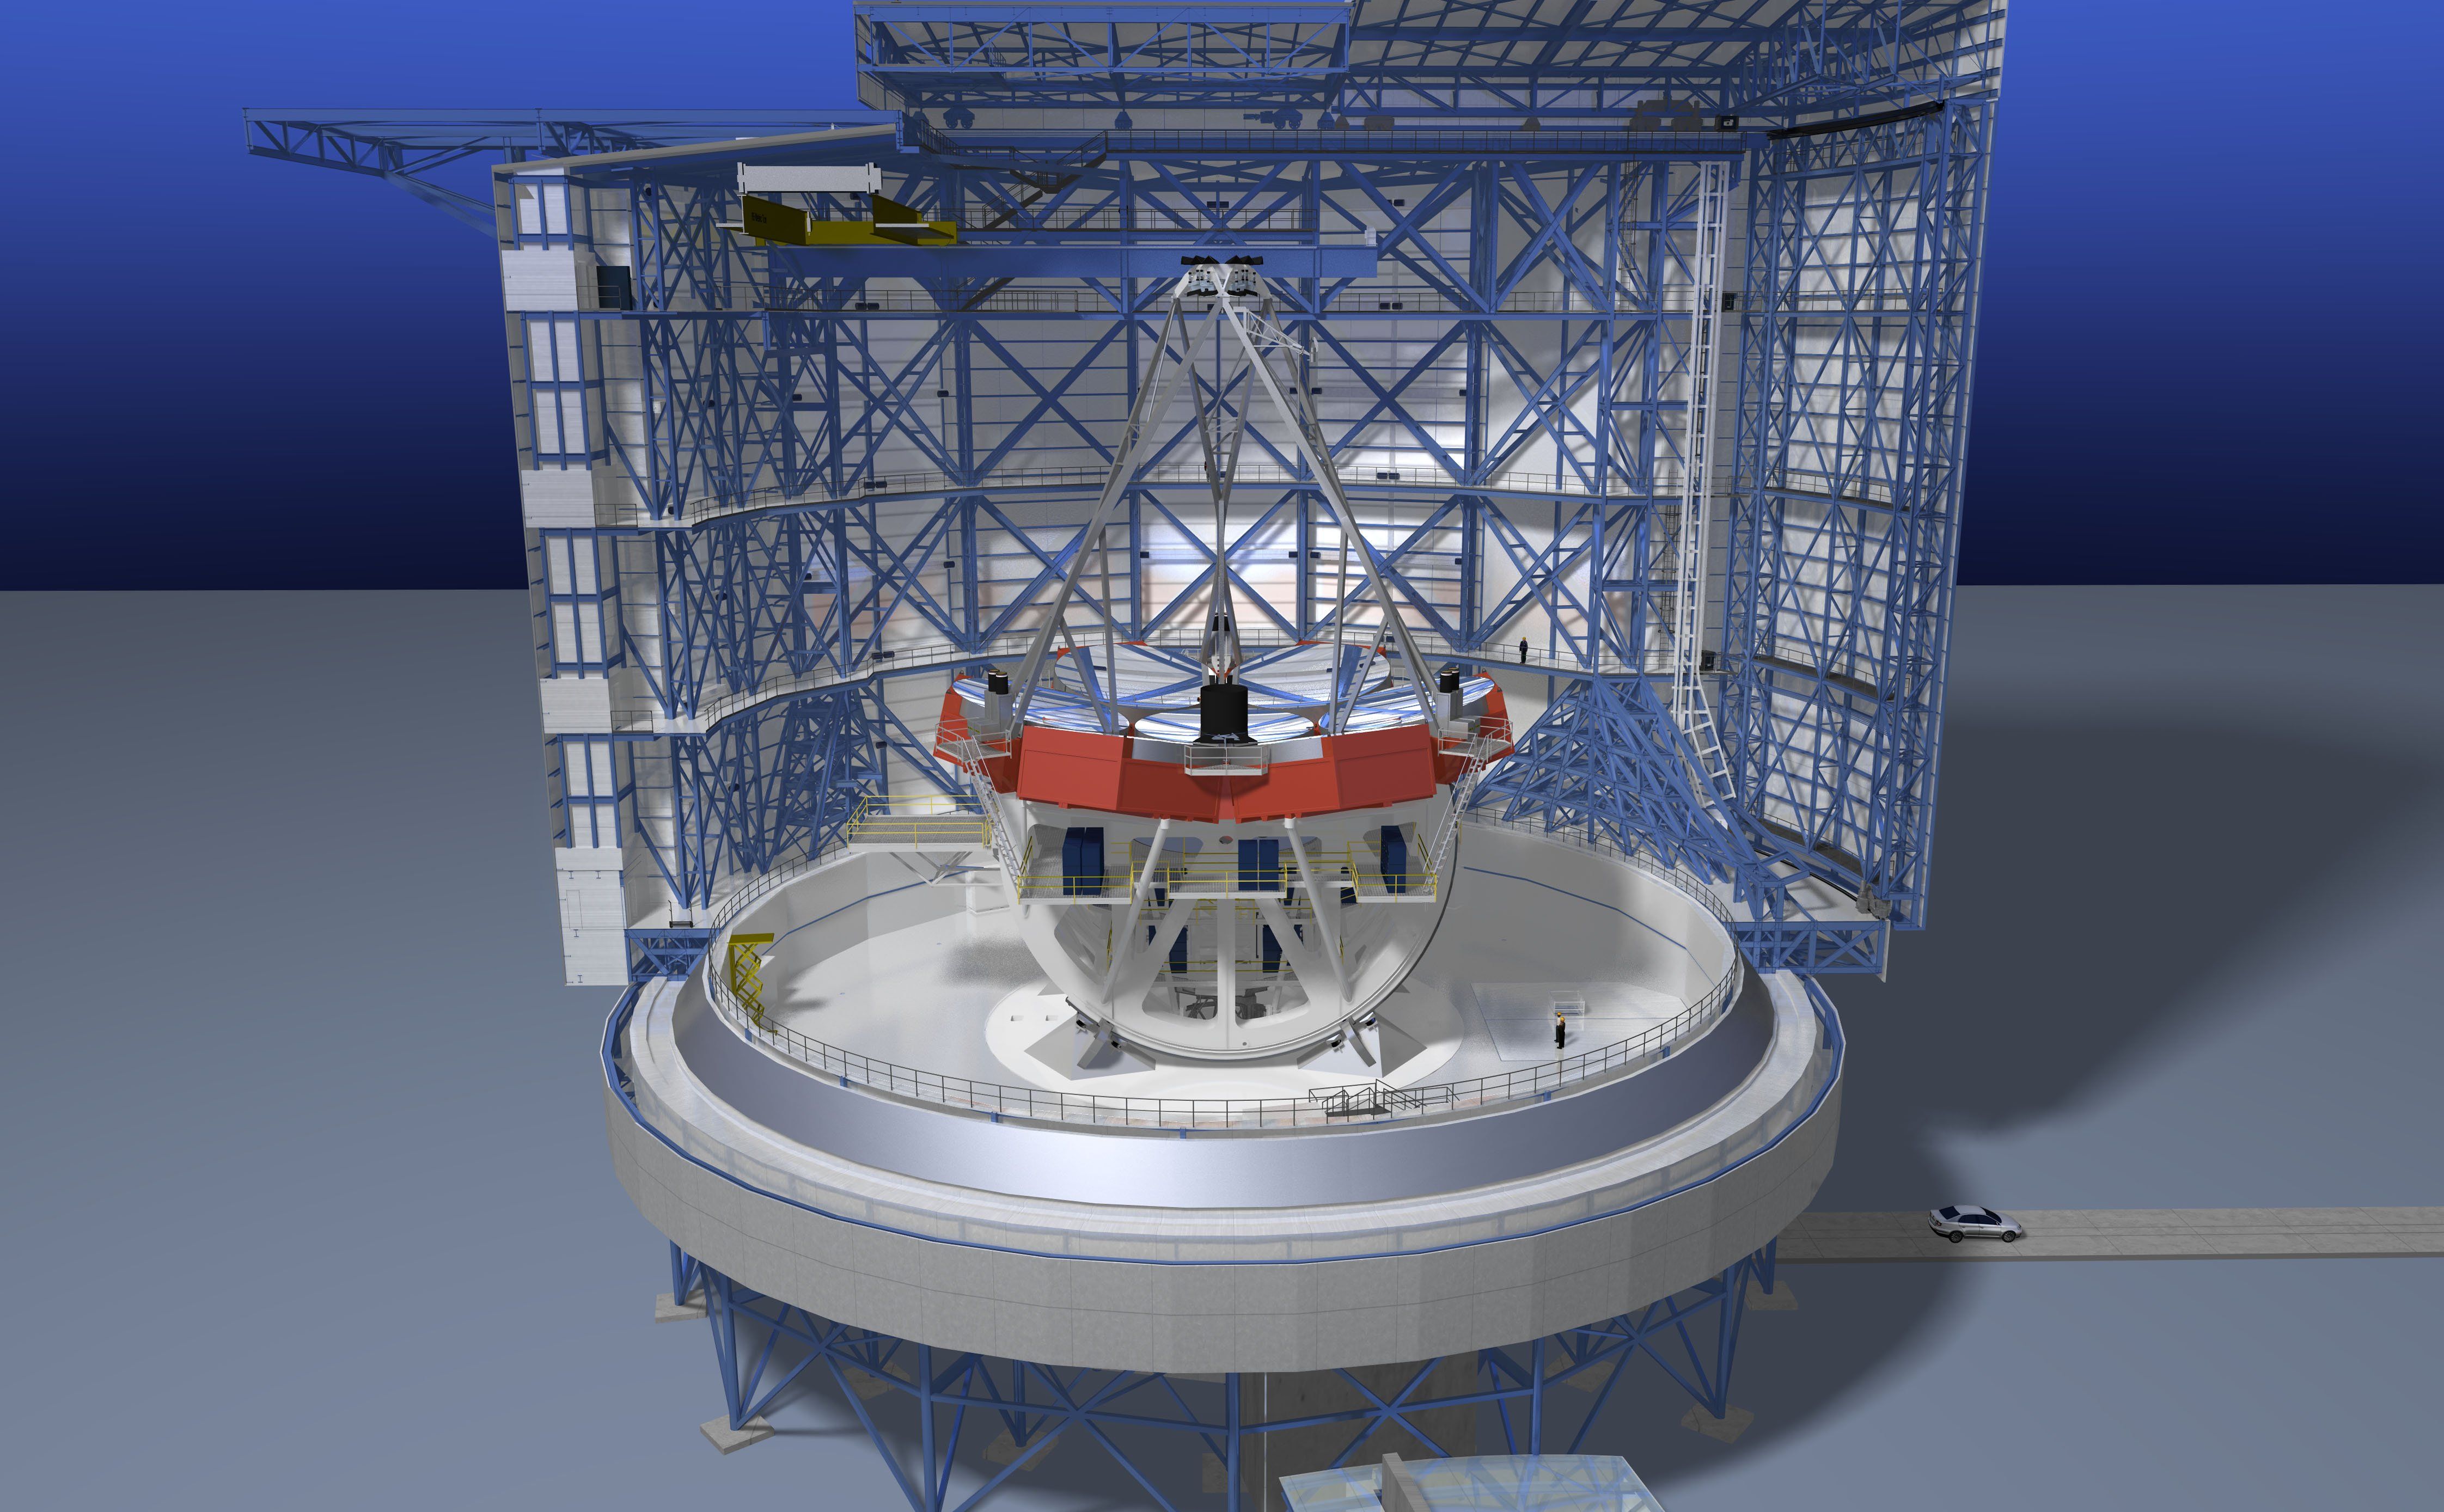 Jeder der sieben Spiegel wiegt 17 t. Die Oberfläche dieser Riesenspiegel werden nanometergenau geschliffen.